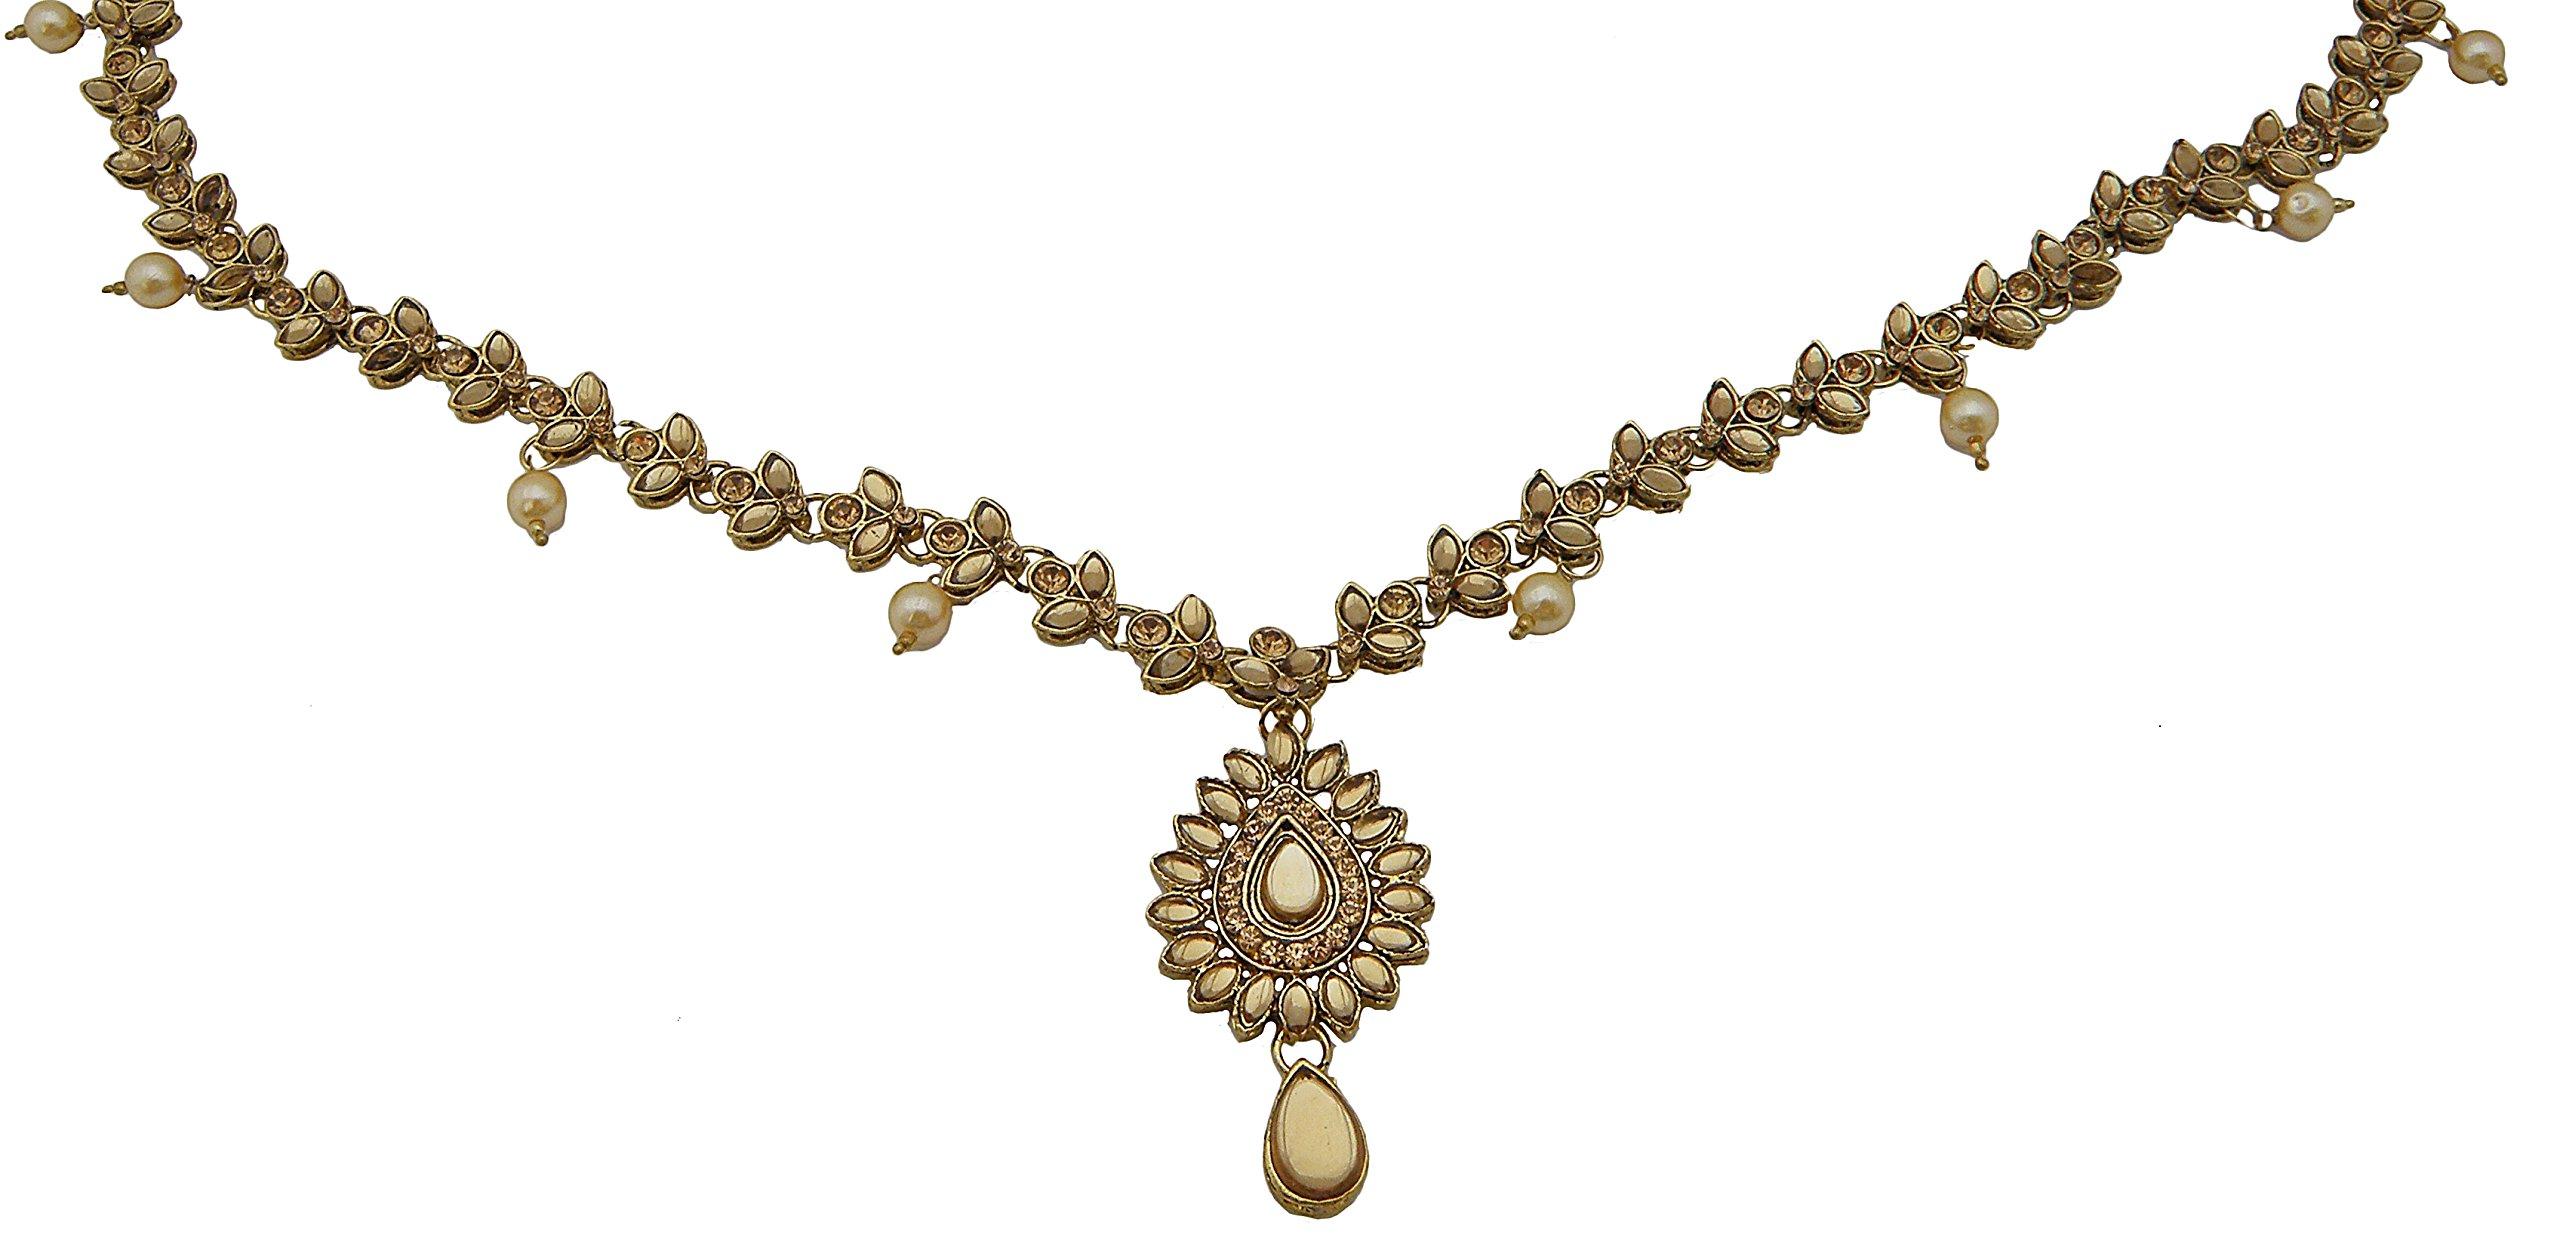 Jwellmart Women's Ethnic Collection Stone Saree Waist Belt Kamarbandh Golden (Brown) by Jwellmart (Image #2)